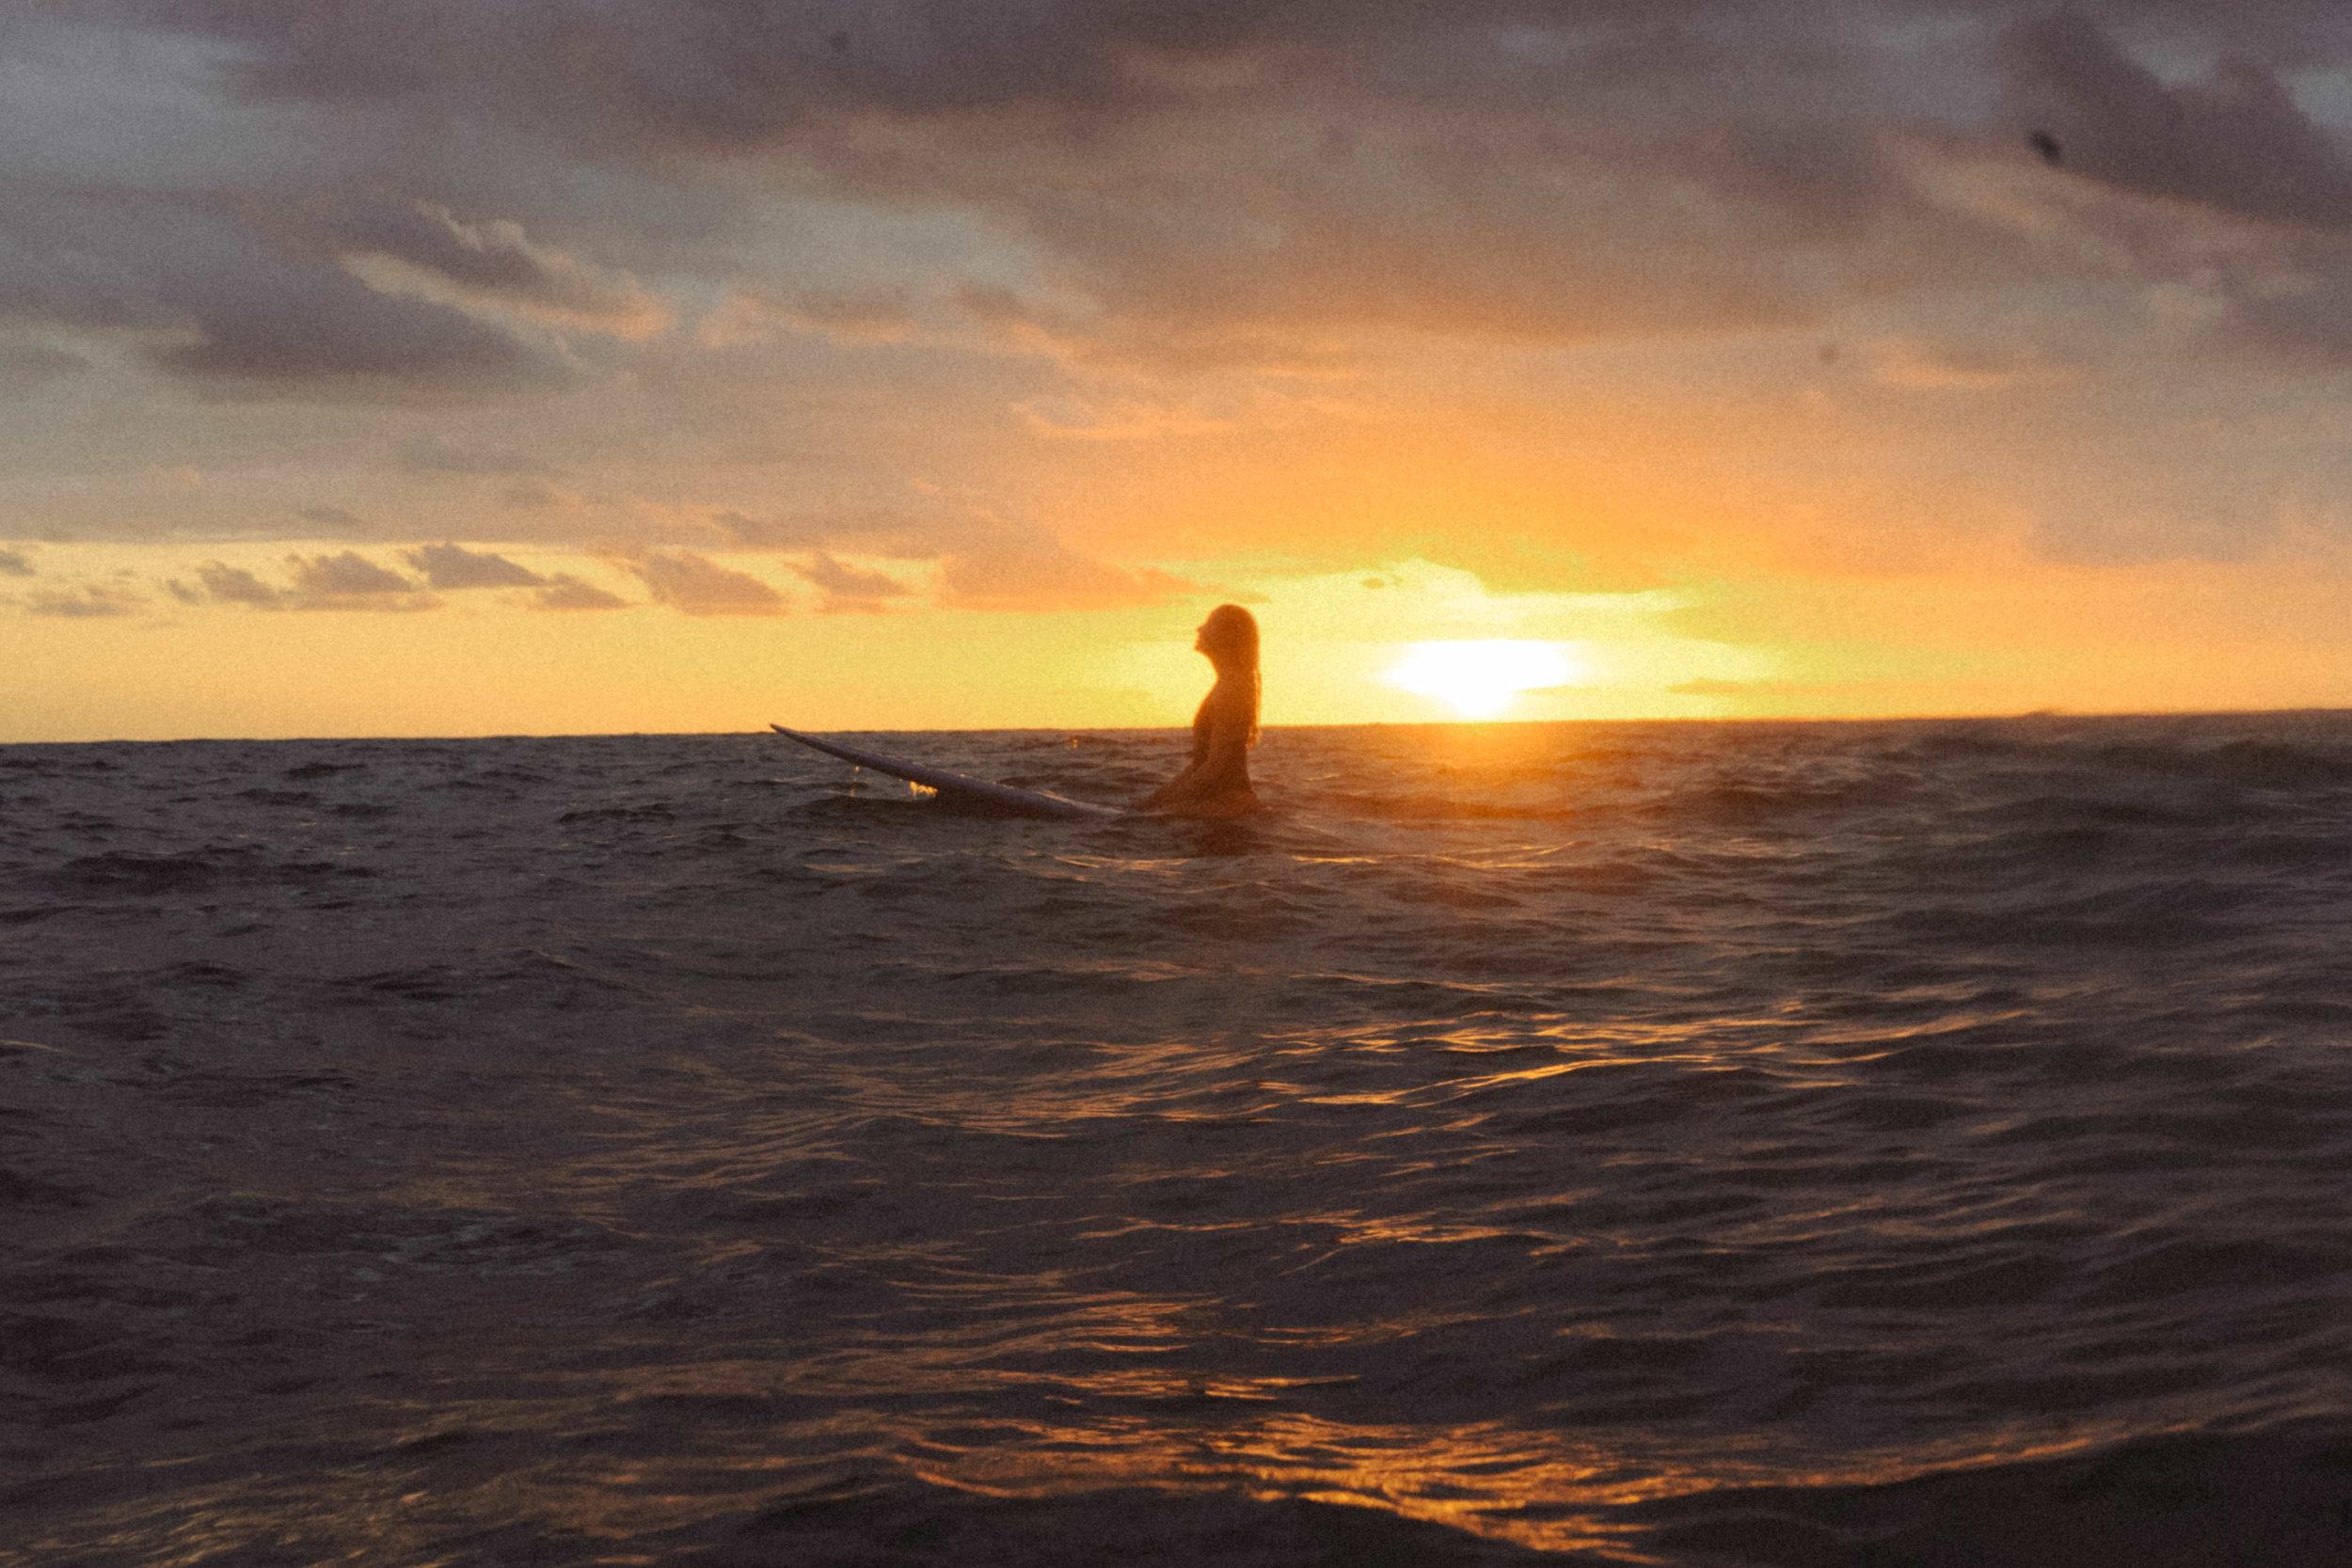 erik_winter_surf_surfing_20.jpg